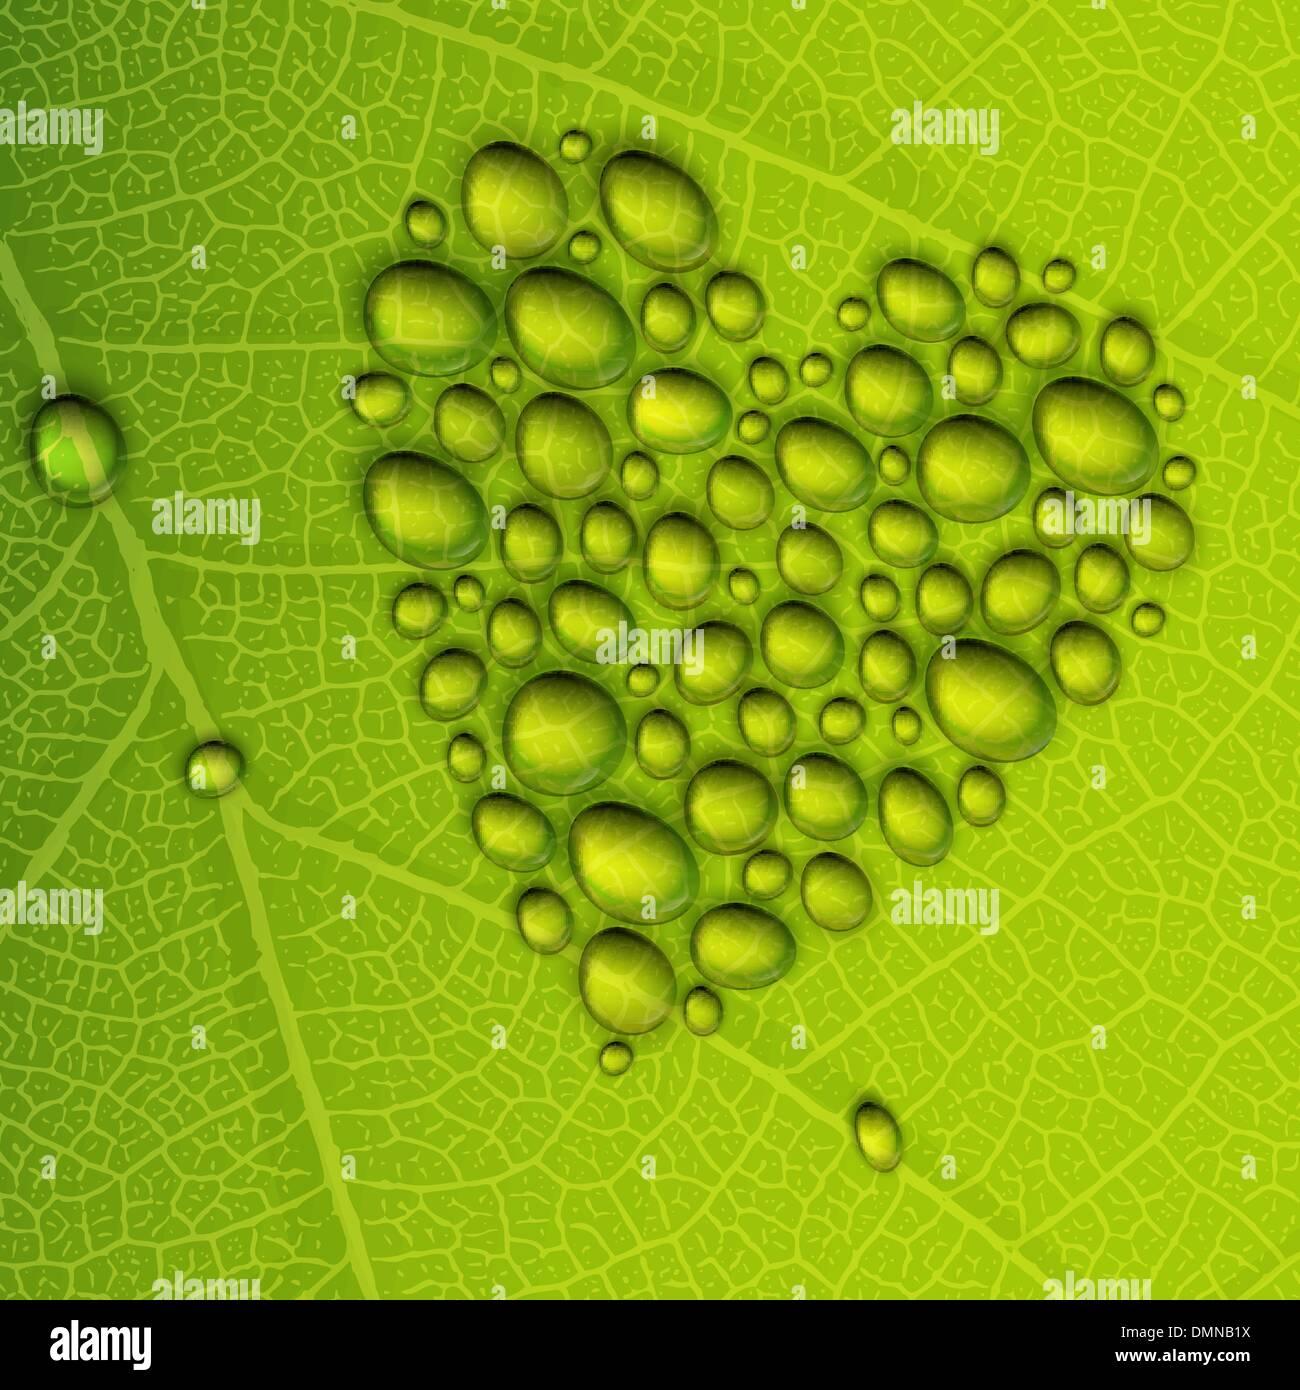 Gotas de rocío en forma de corazón con hojas verdes. Ilustración vectorial EPS10 Ilustración del Vector